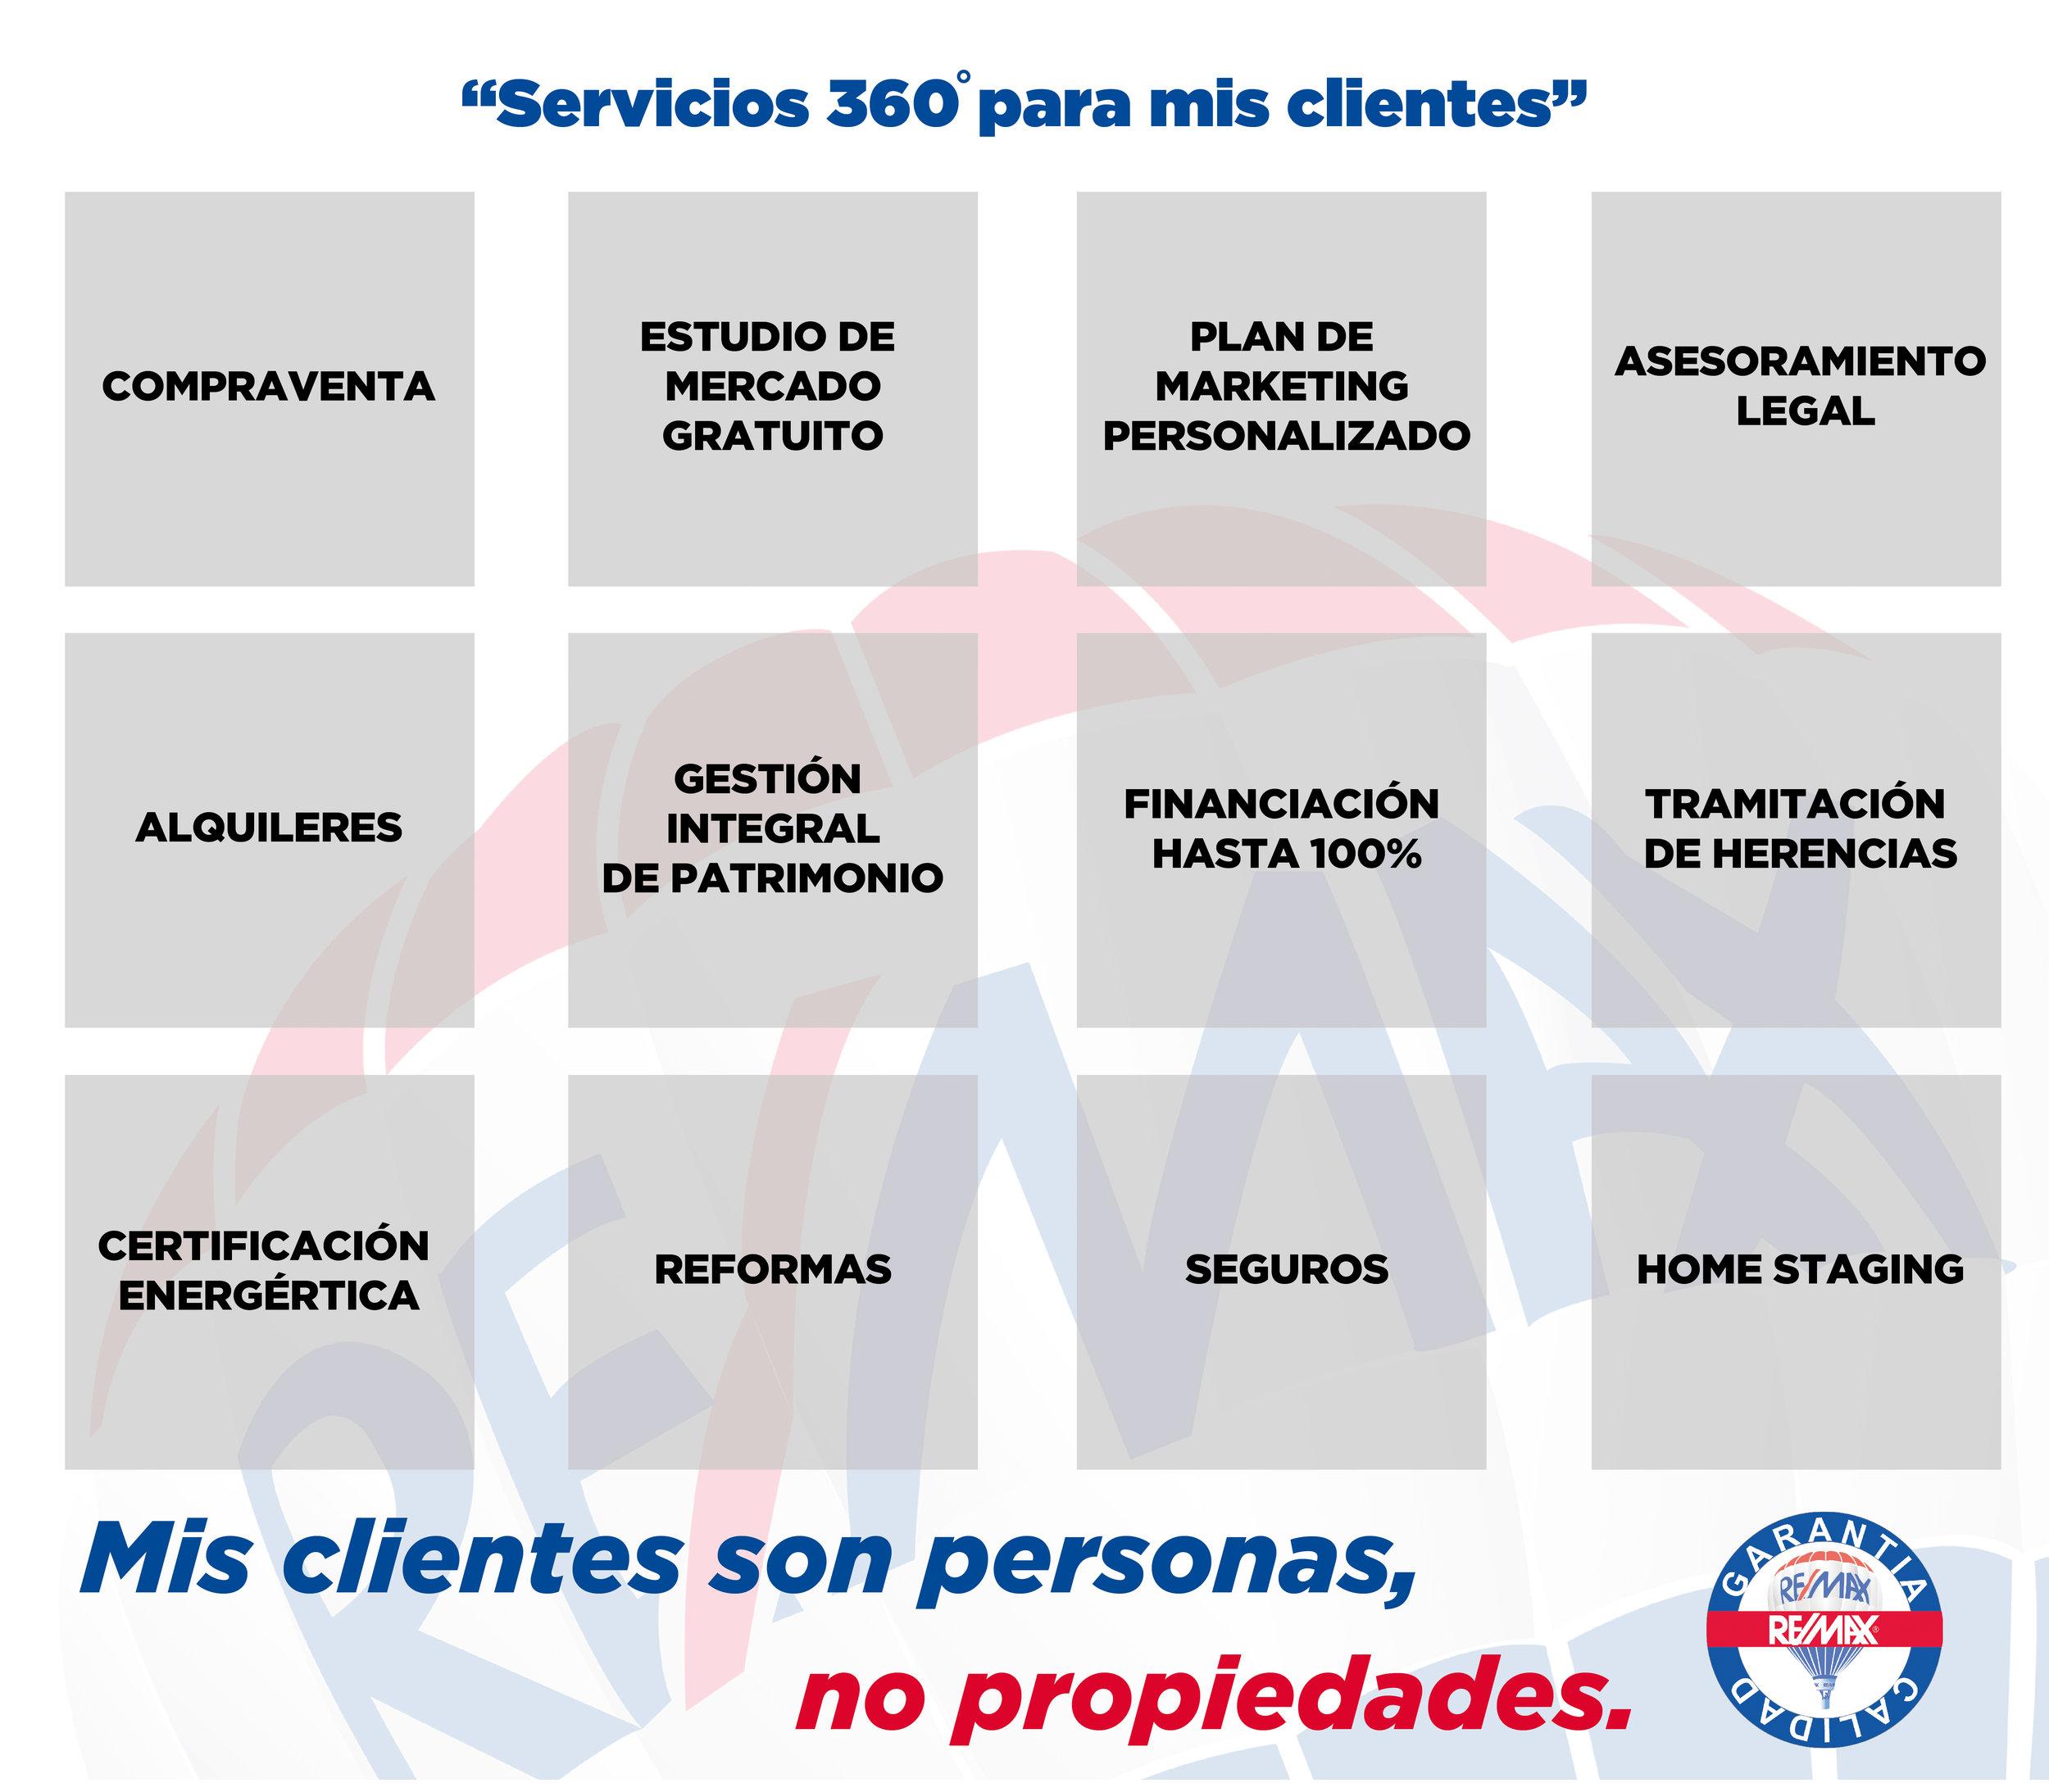 serviciosweb-01.jpg